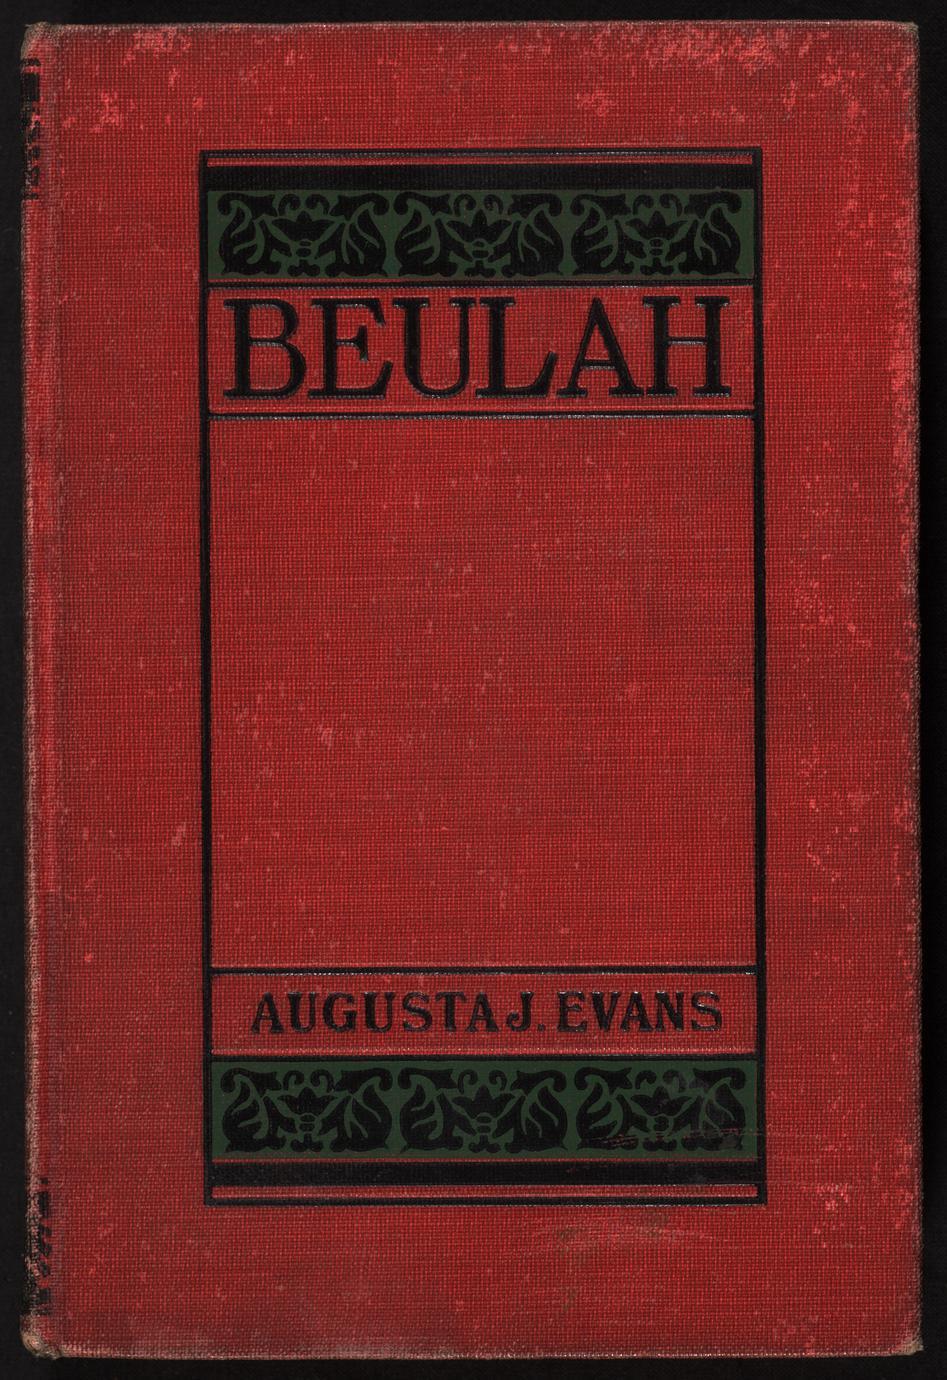 Beulah (1 of 2)